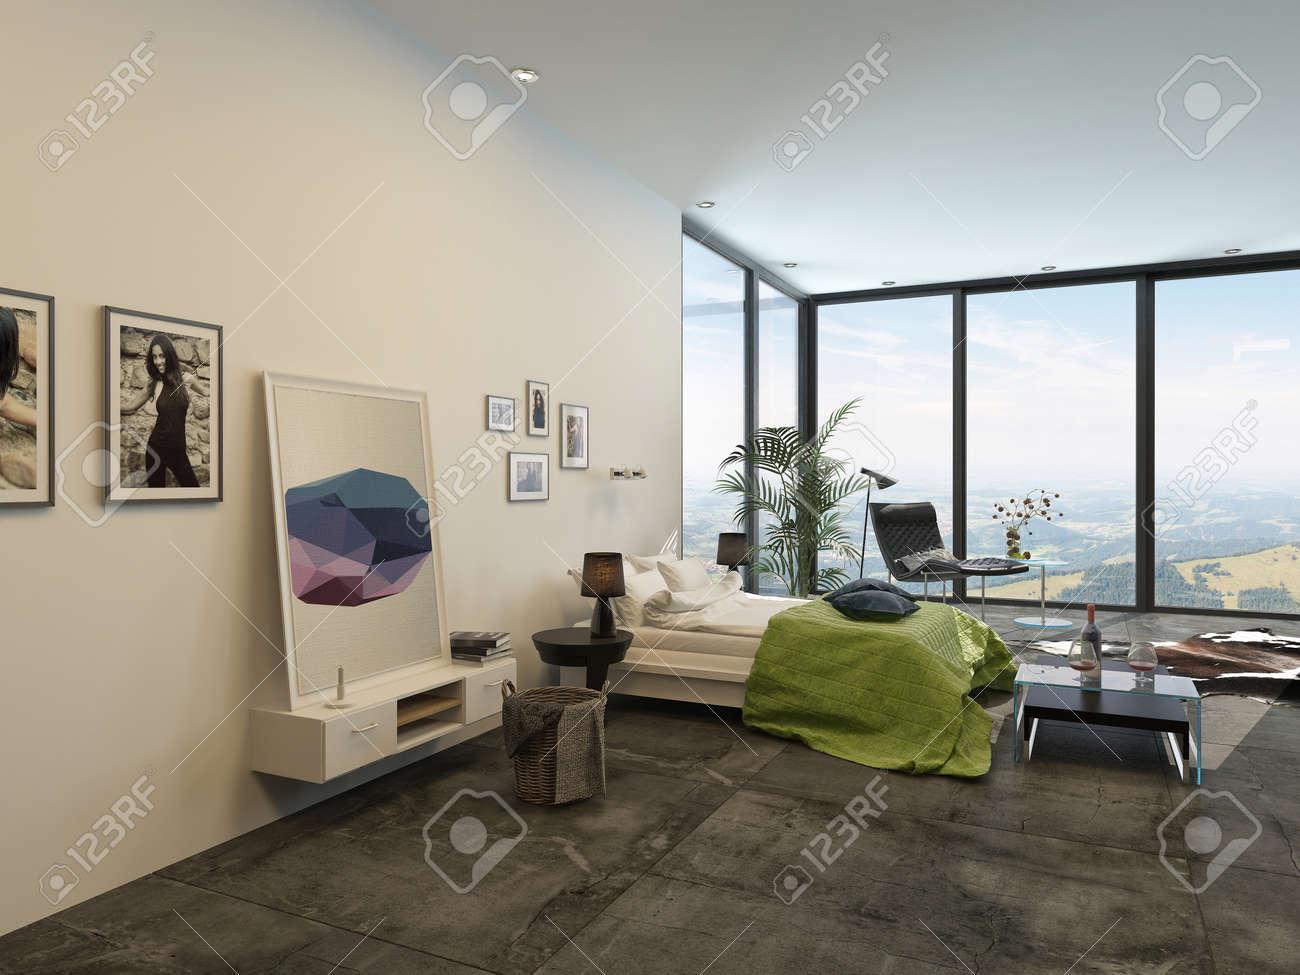 Fußboden Schlafzimmer ~ Boden schlafzimmer kostenlose bild zimmer innen zuhause boden dekor